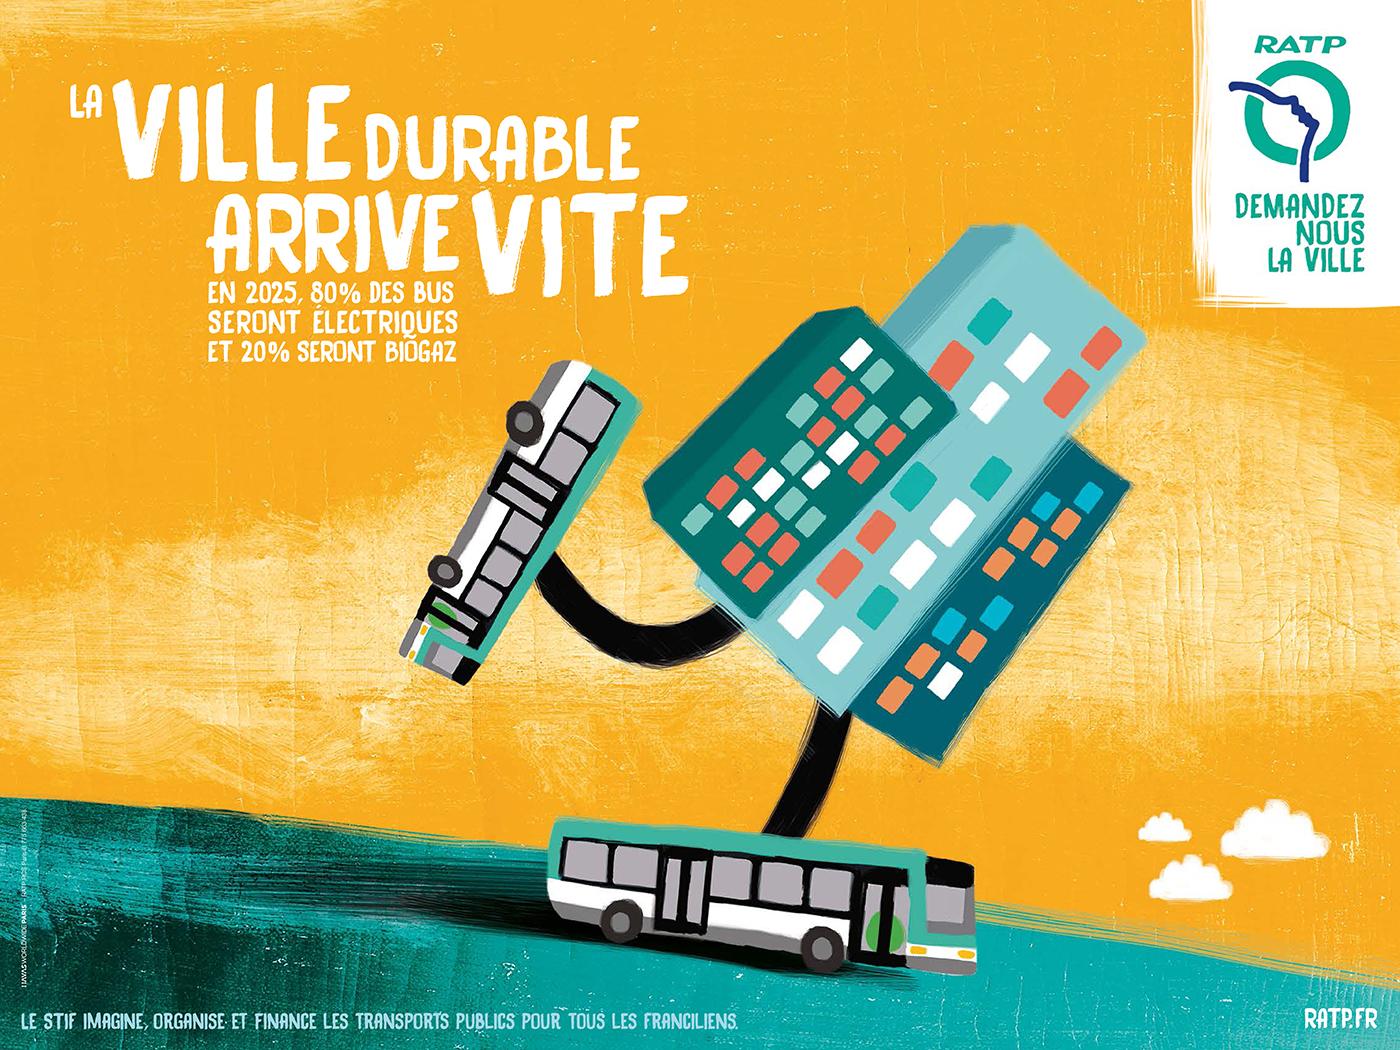 ratp-publicite-affichage-environnement-COP21-STIF-franciliens-demandez-nous-la-ville-agence-havas-paris-5